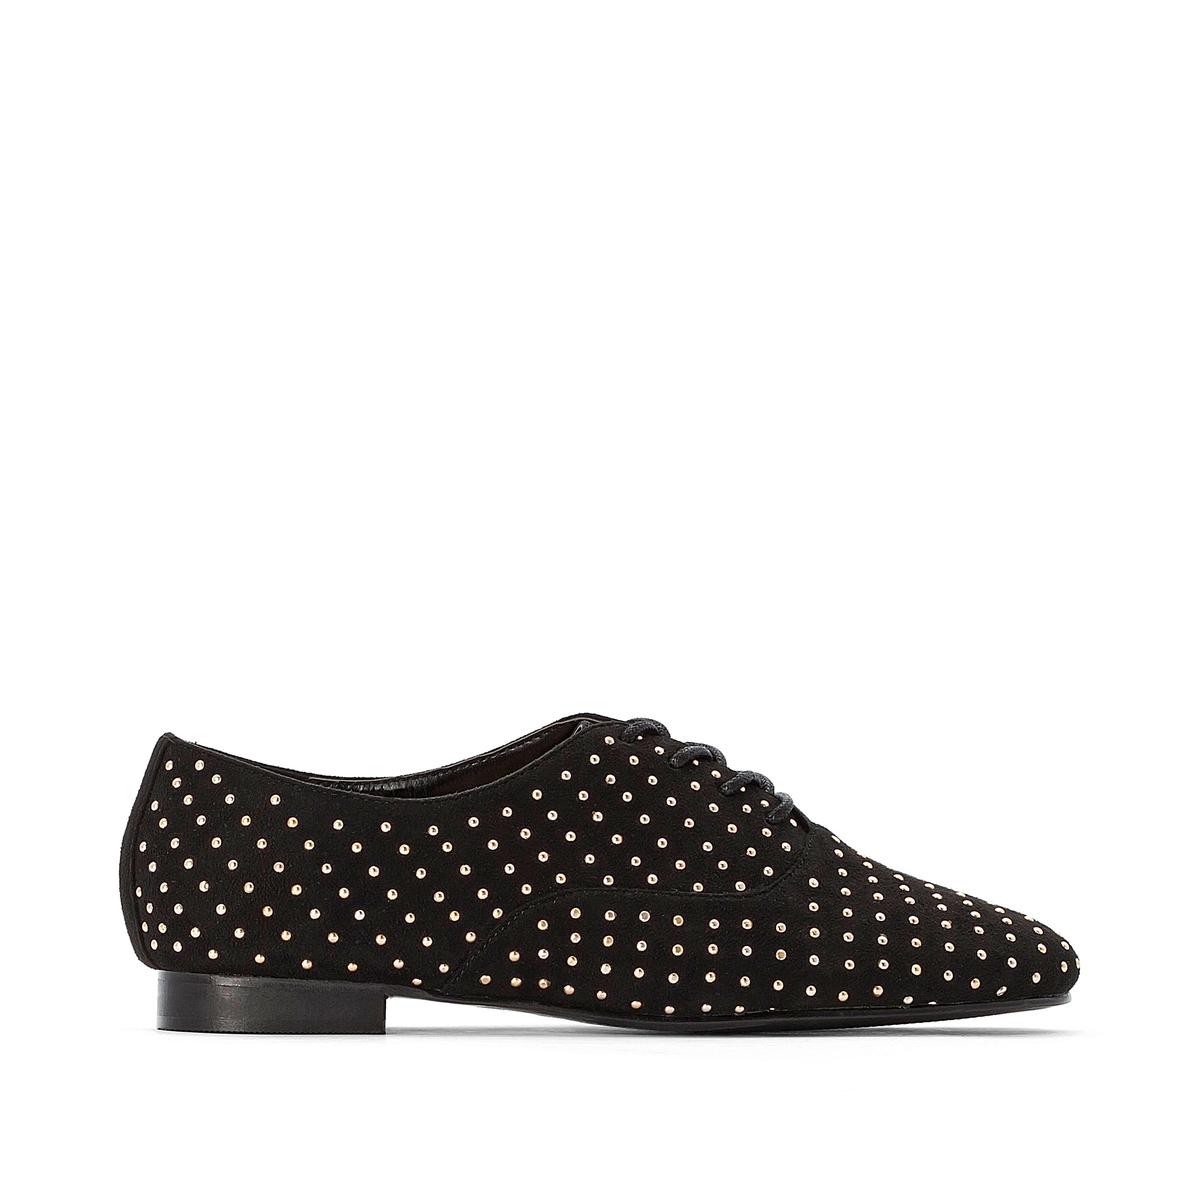 Ботинки-дерби La Redoute На шнуровке с заклепками золотистого цвета 38 черный